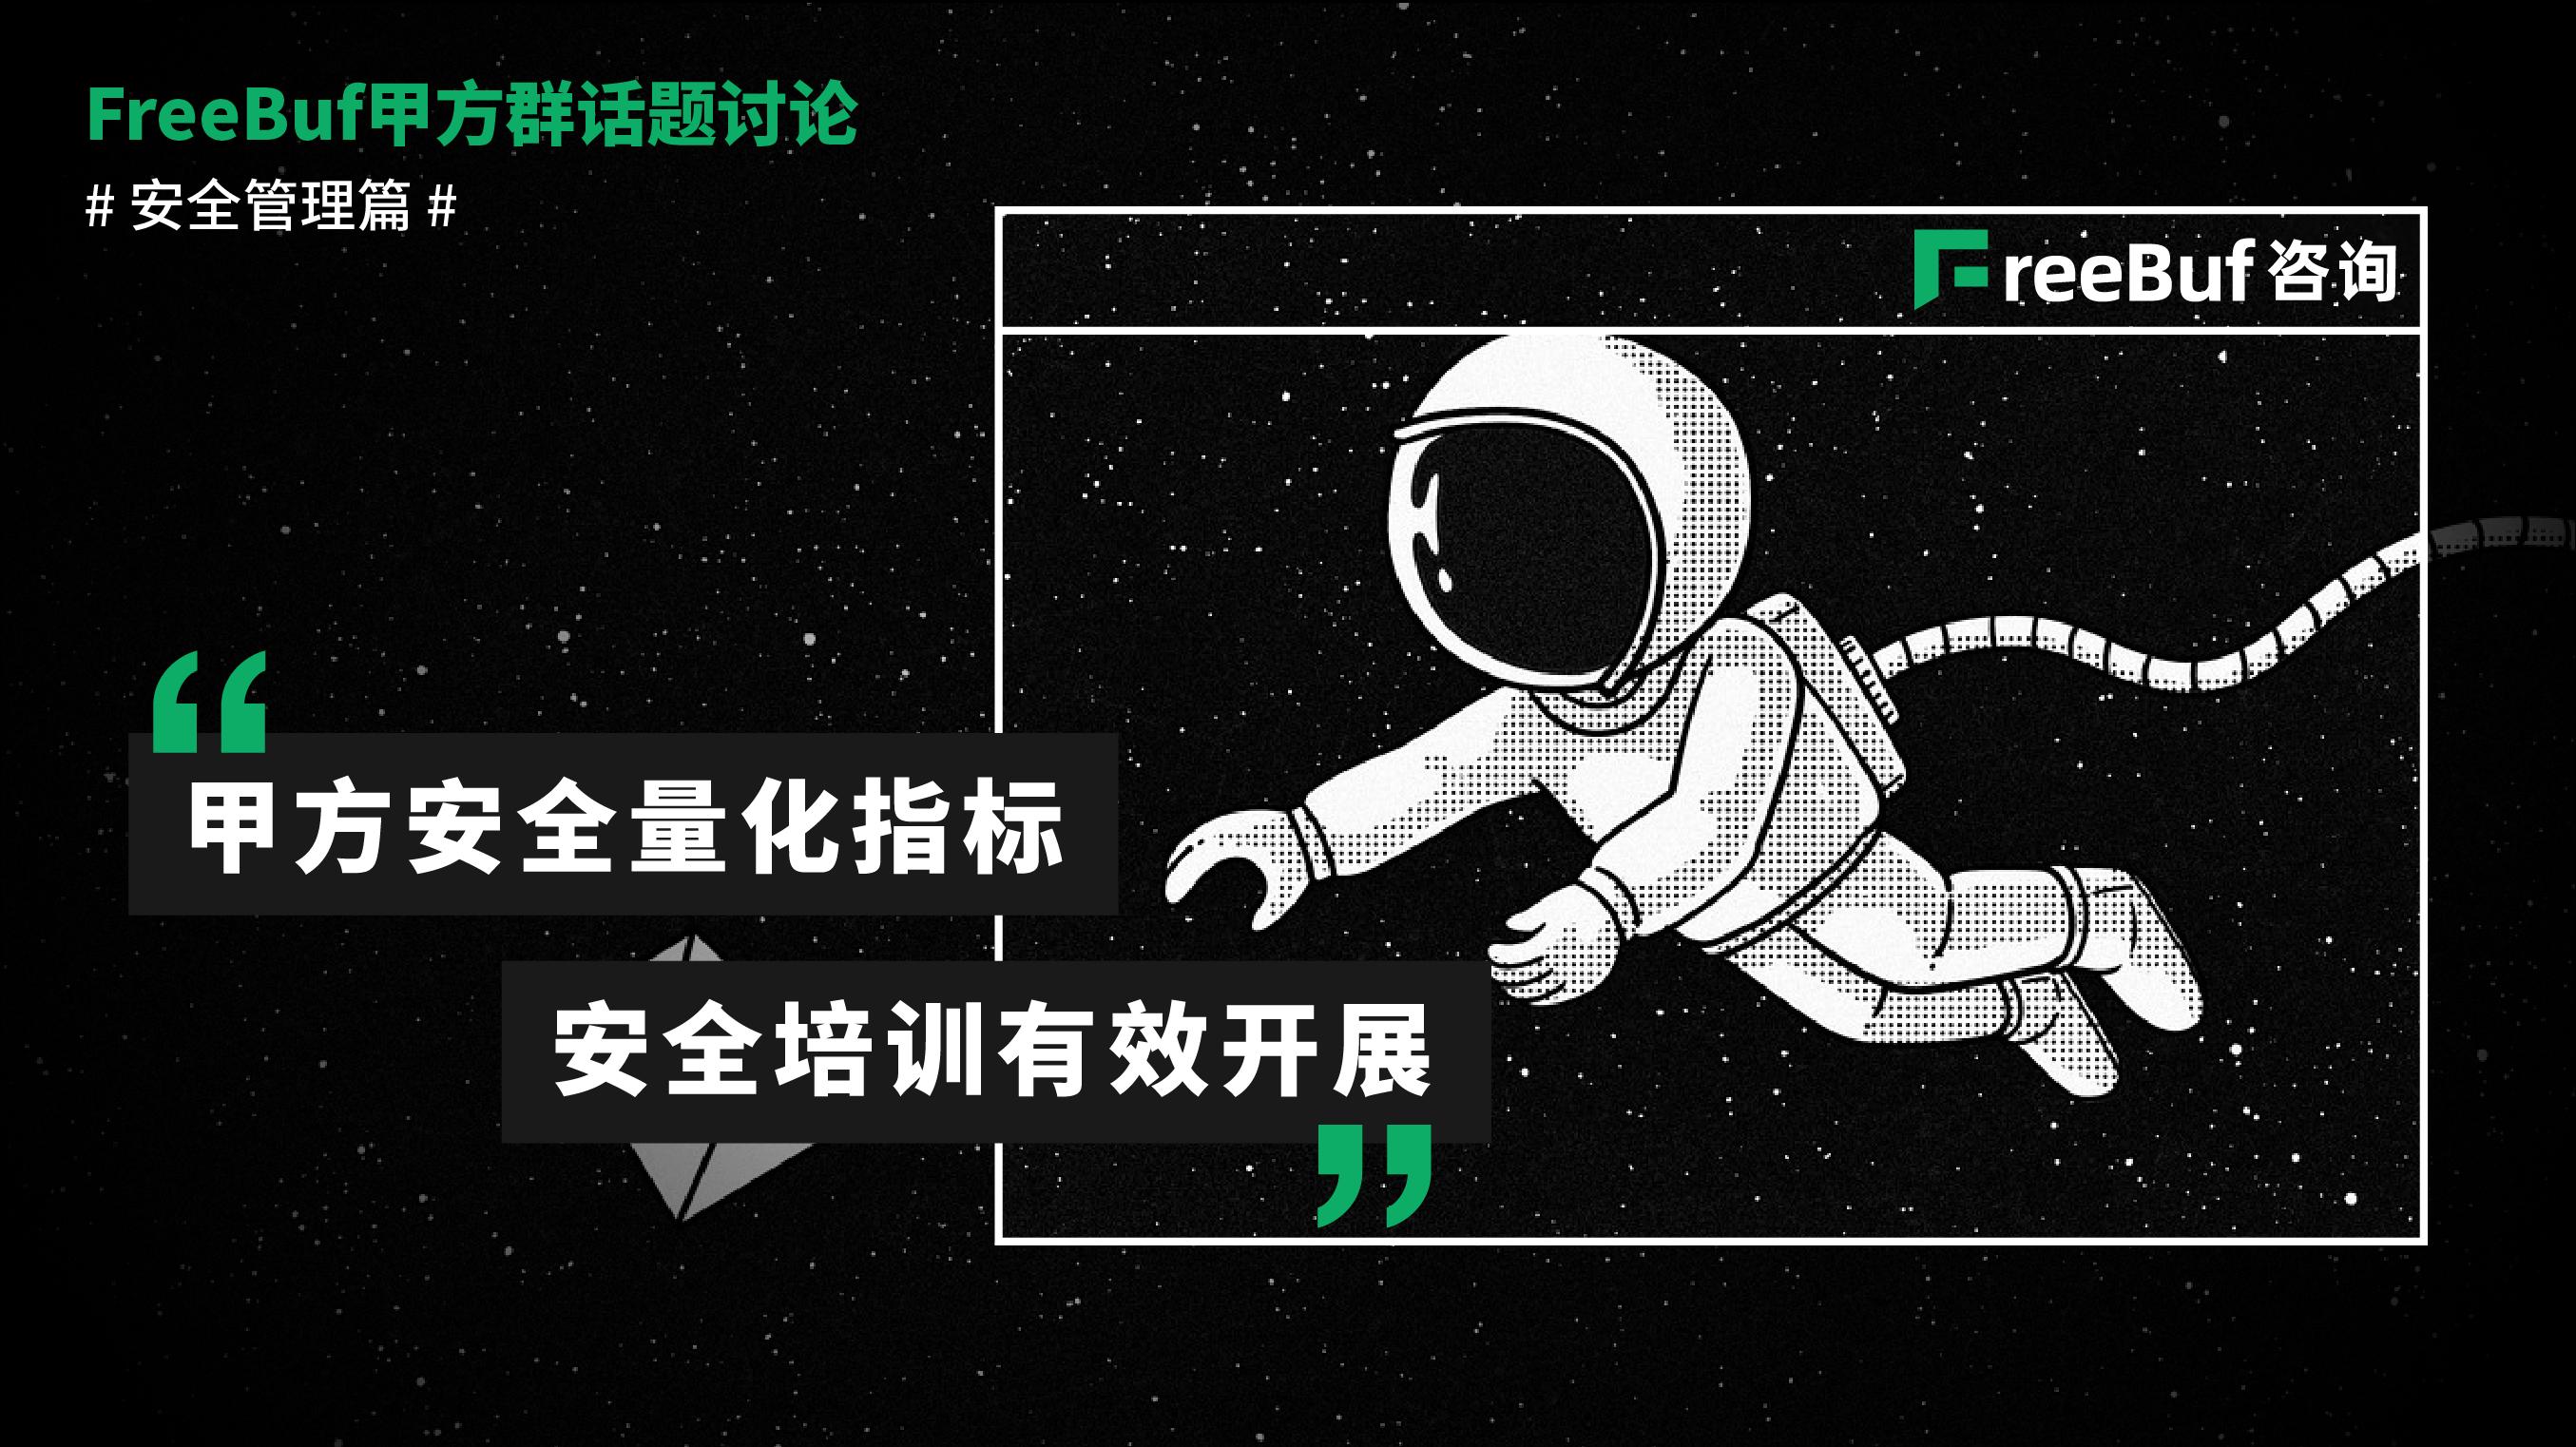 FreeBuf甲方群话题讨论   甲方安全量化指标&安全培训有效开展